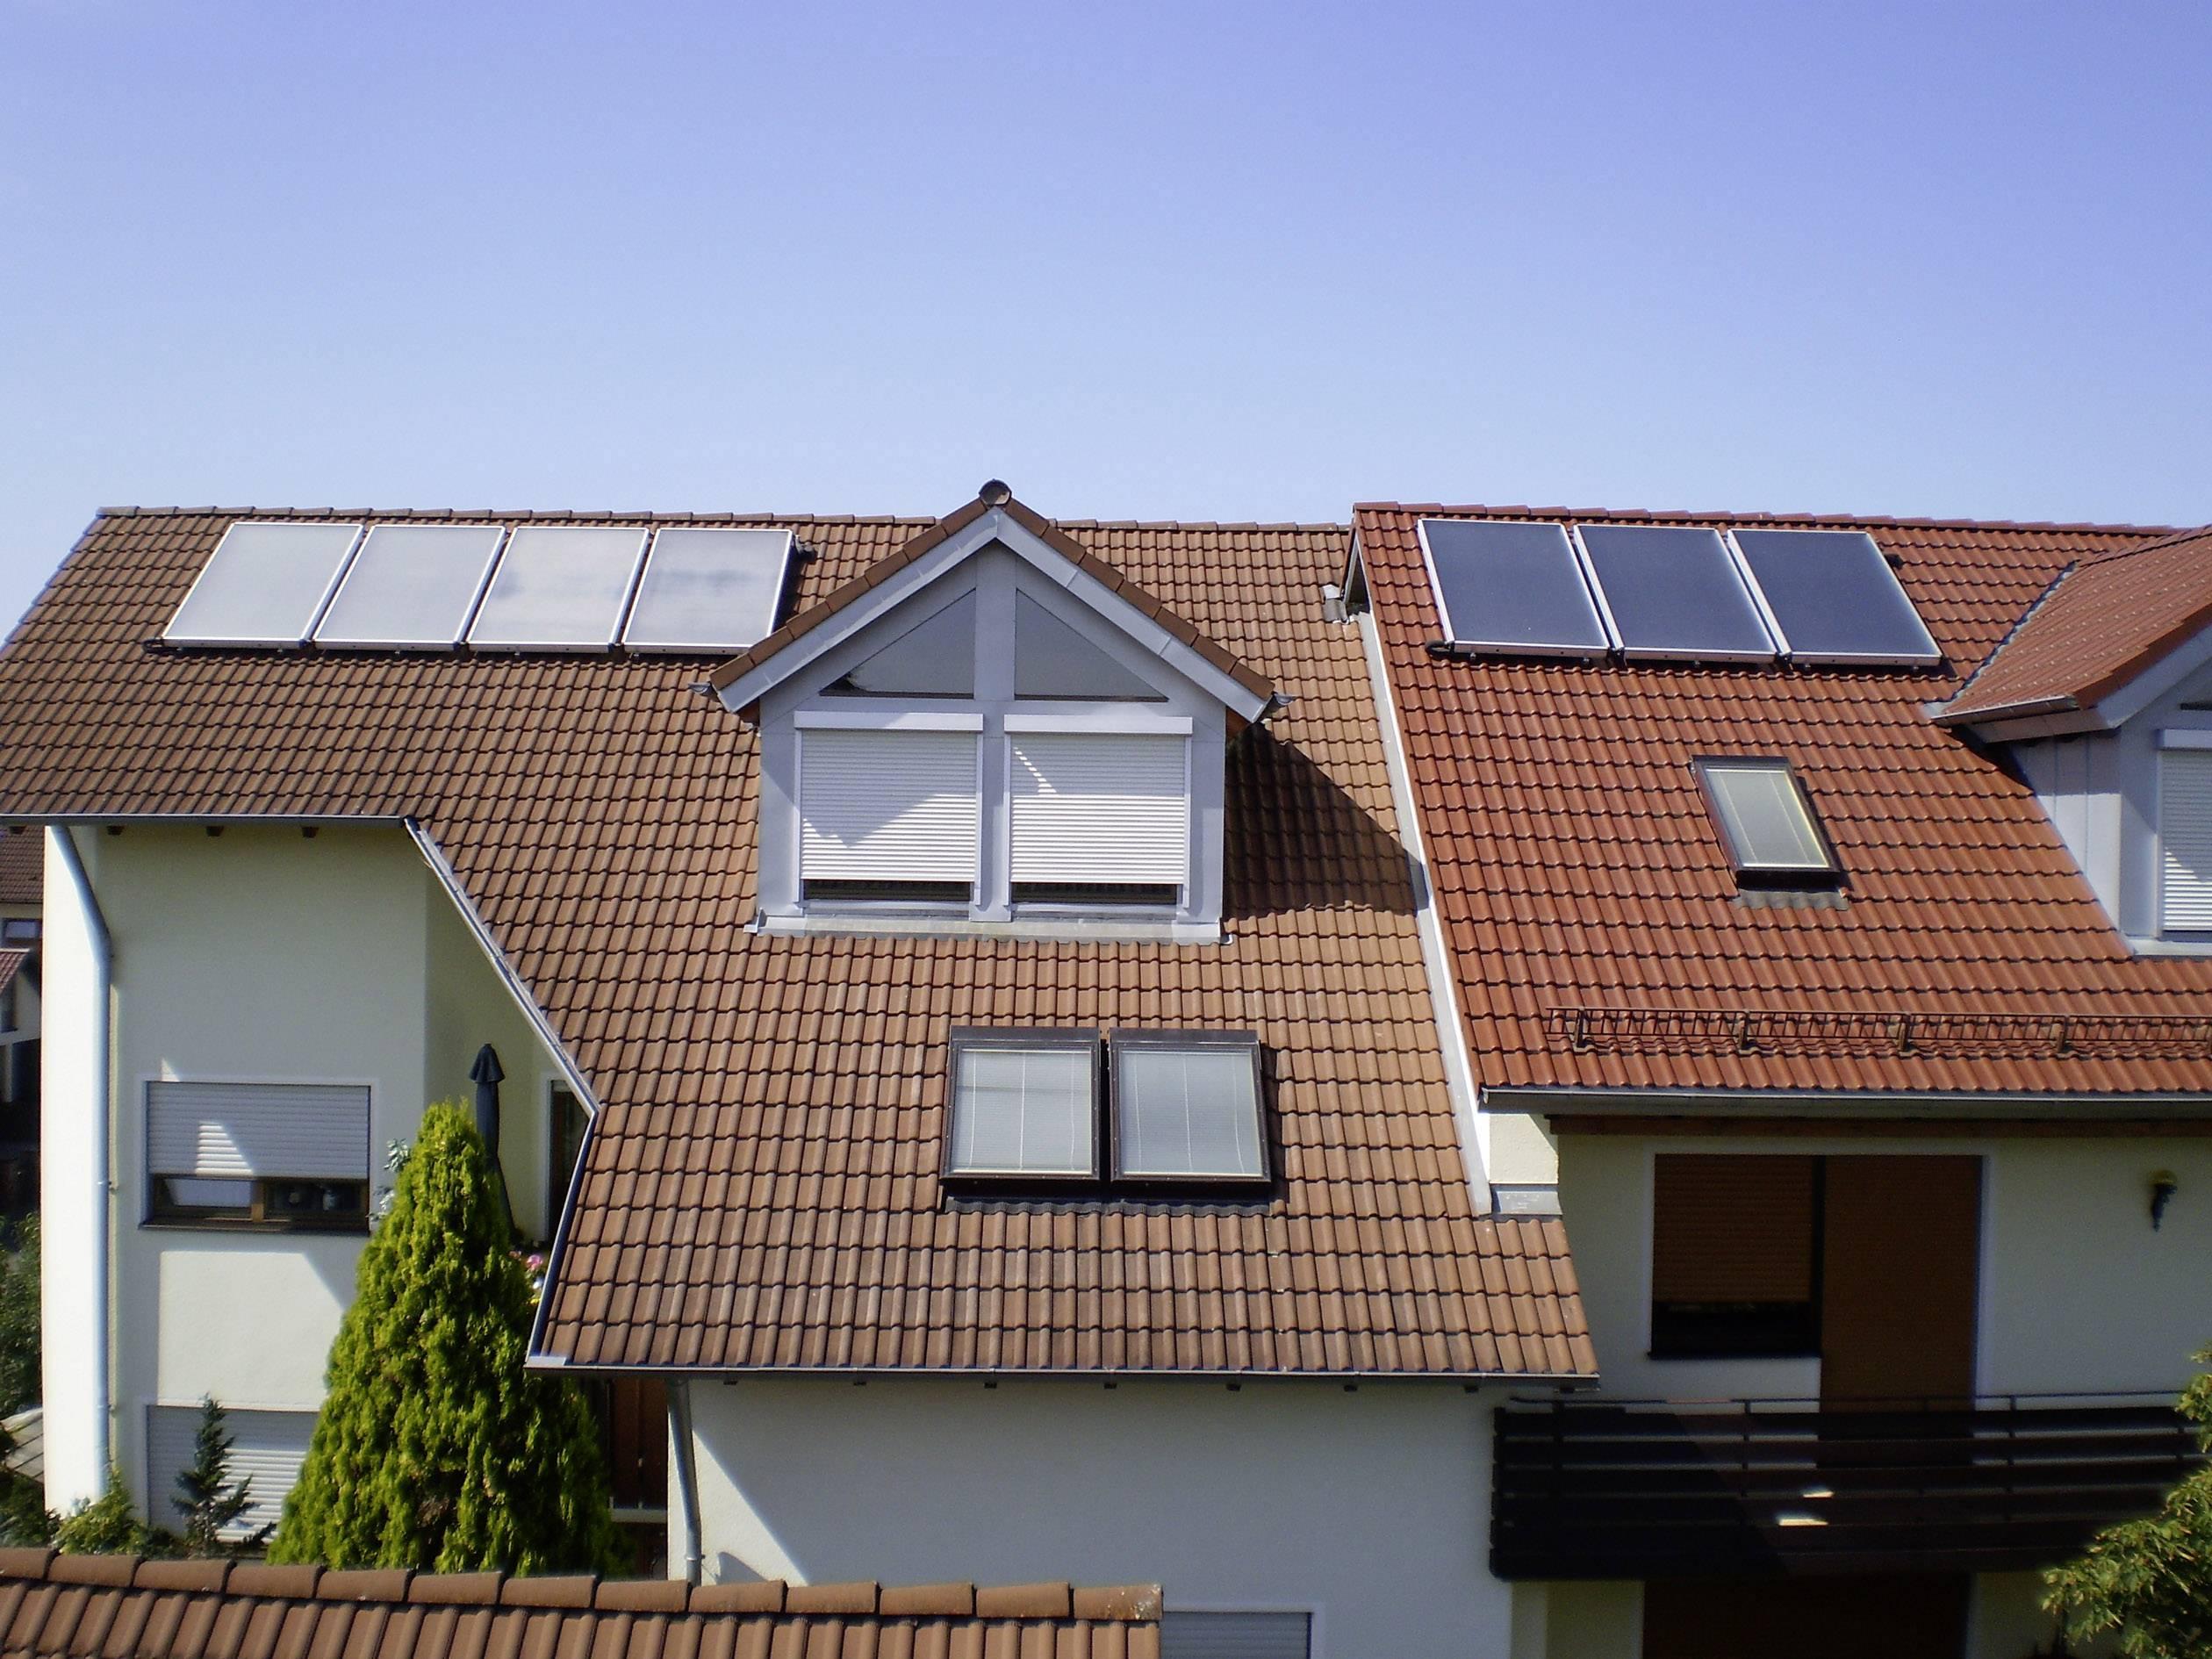 Thermische-Solaranlage SUN 17 HZ ... 3005 Kollektor-Fläche 17,57 m²